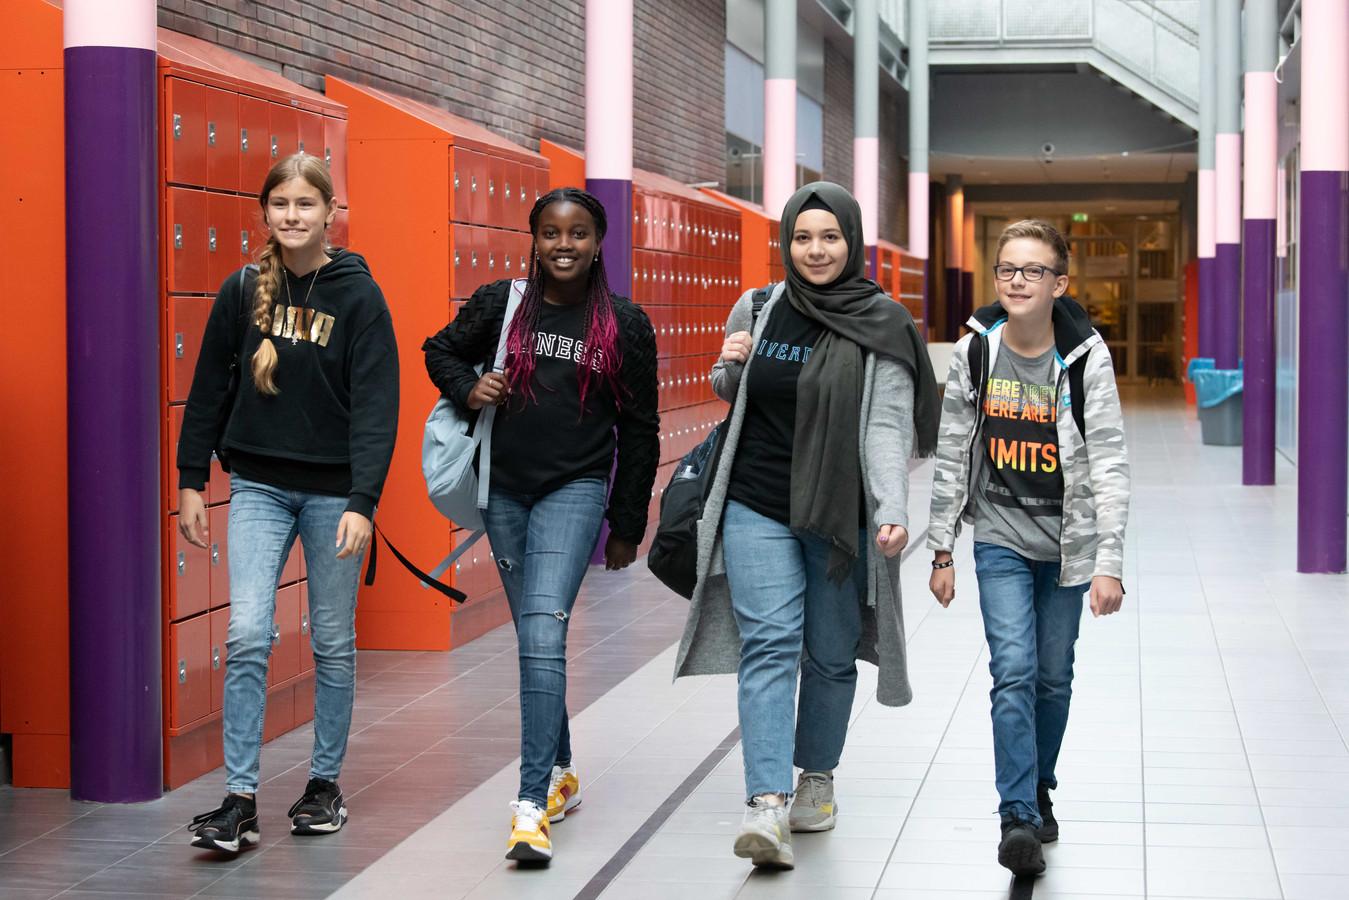 Voor de locatie Bredius van het Kalsbeek College hebben zich met 271 aanmeldingen ongeveer evenveel nieuwe leerlingen aangemeld als vorig schooljaar.